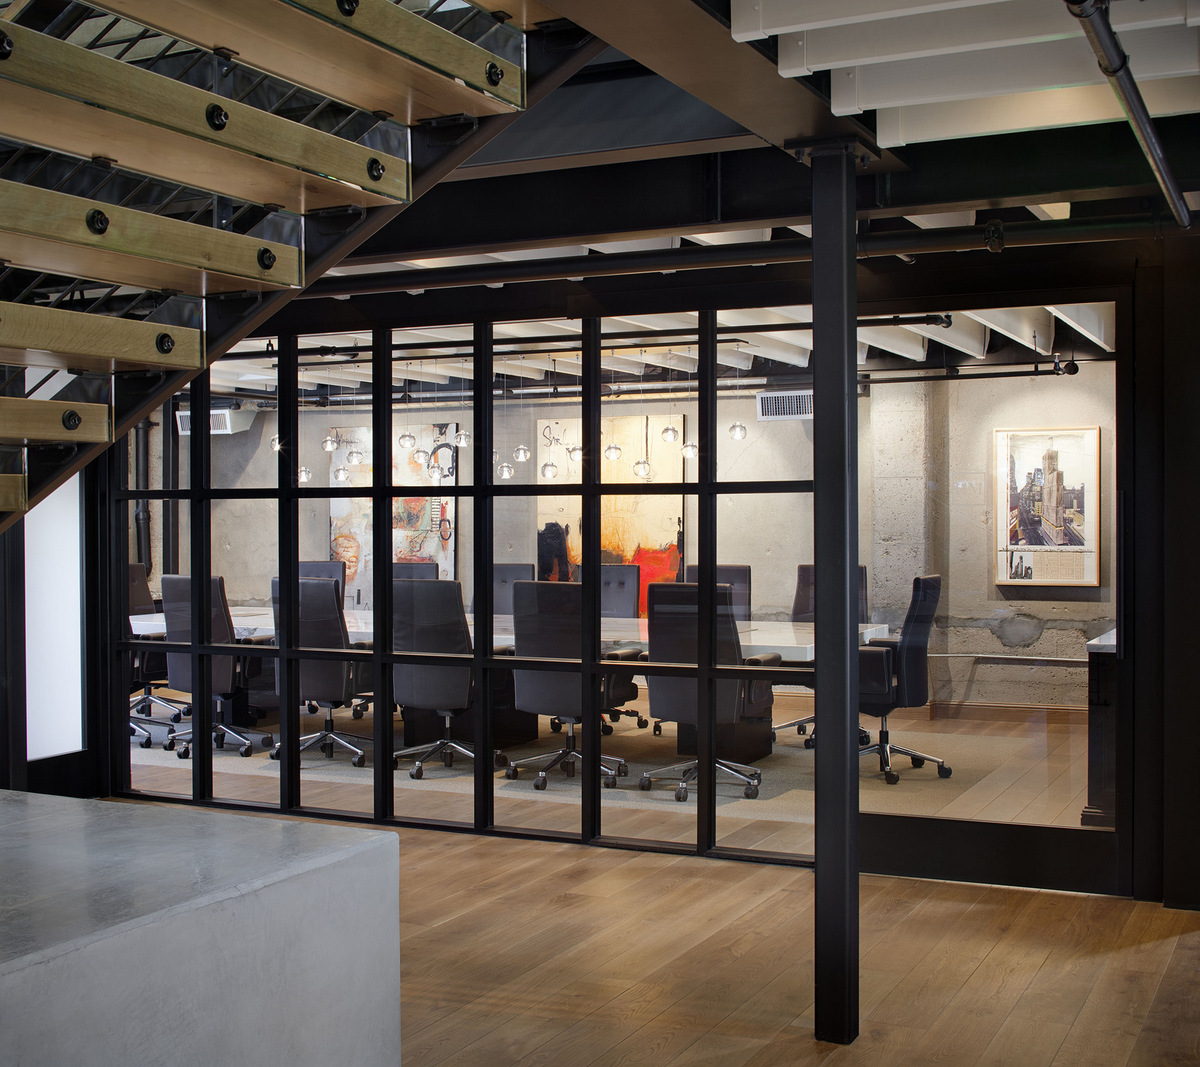 garage doors color ideas - Décoration de bureau ment adopter le style industriel